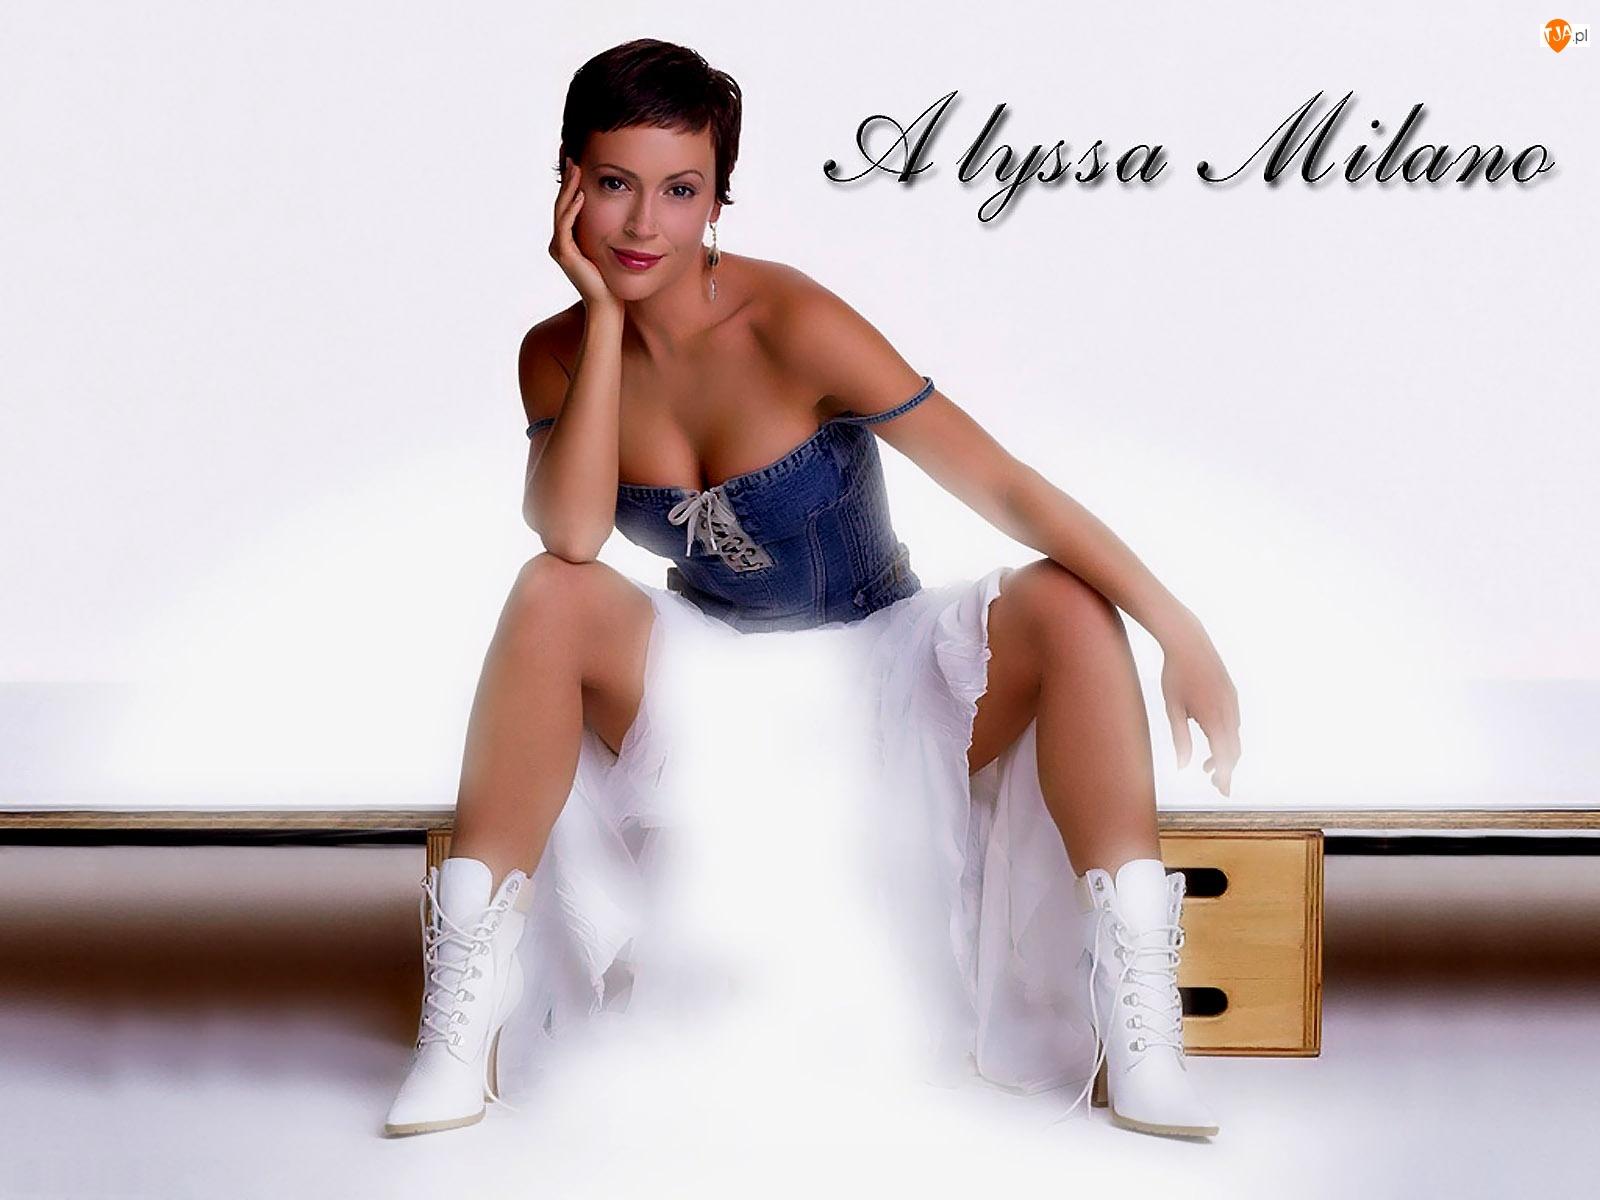 Aktorka, Alyssa Milano